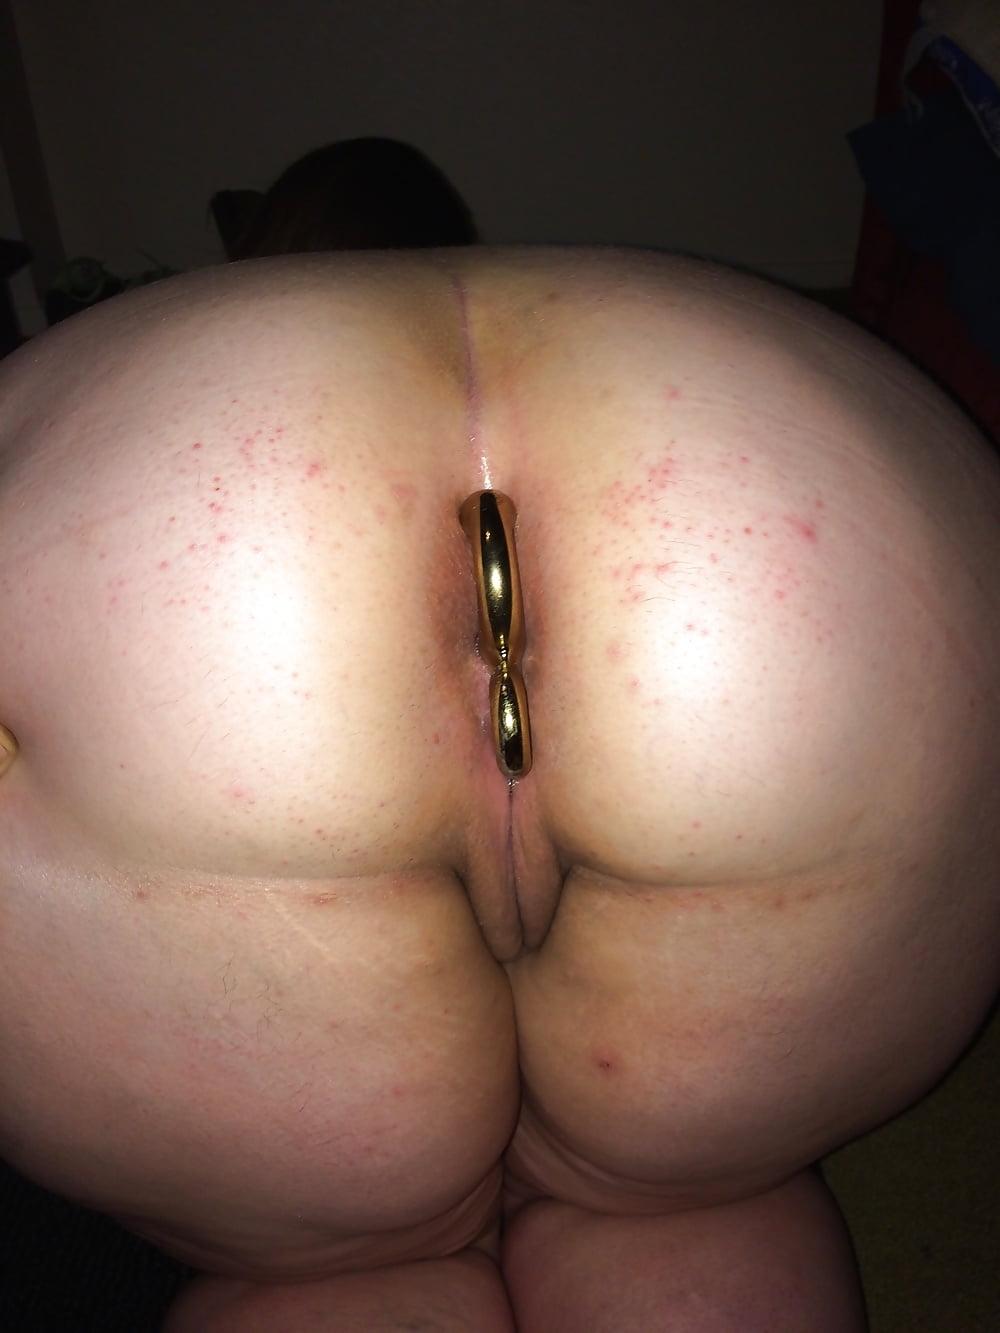 bbw-fat-ass-anal-gaping